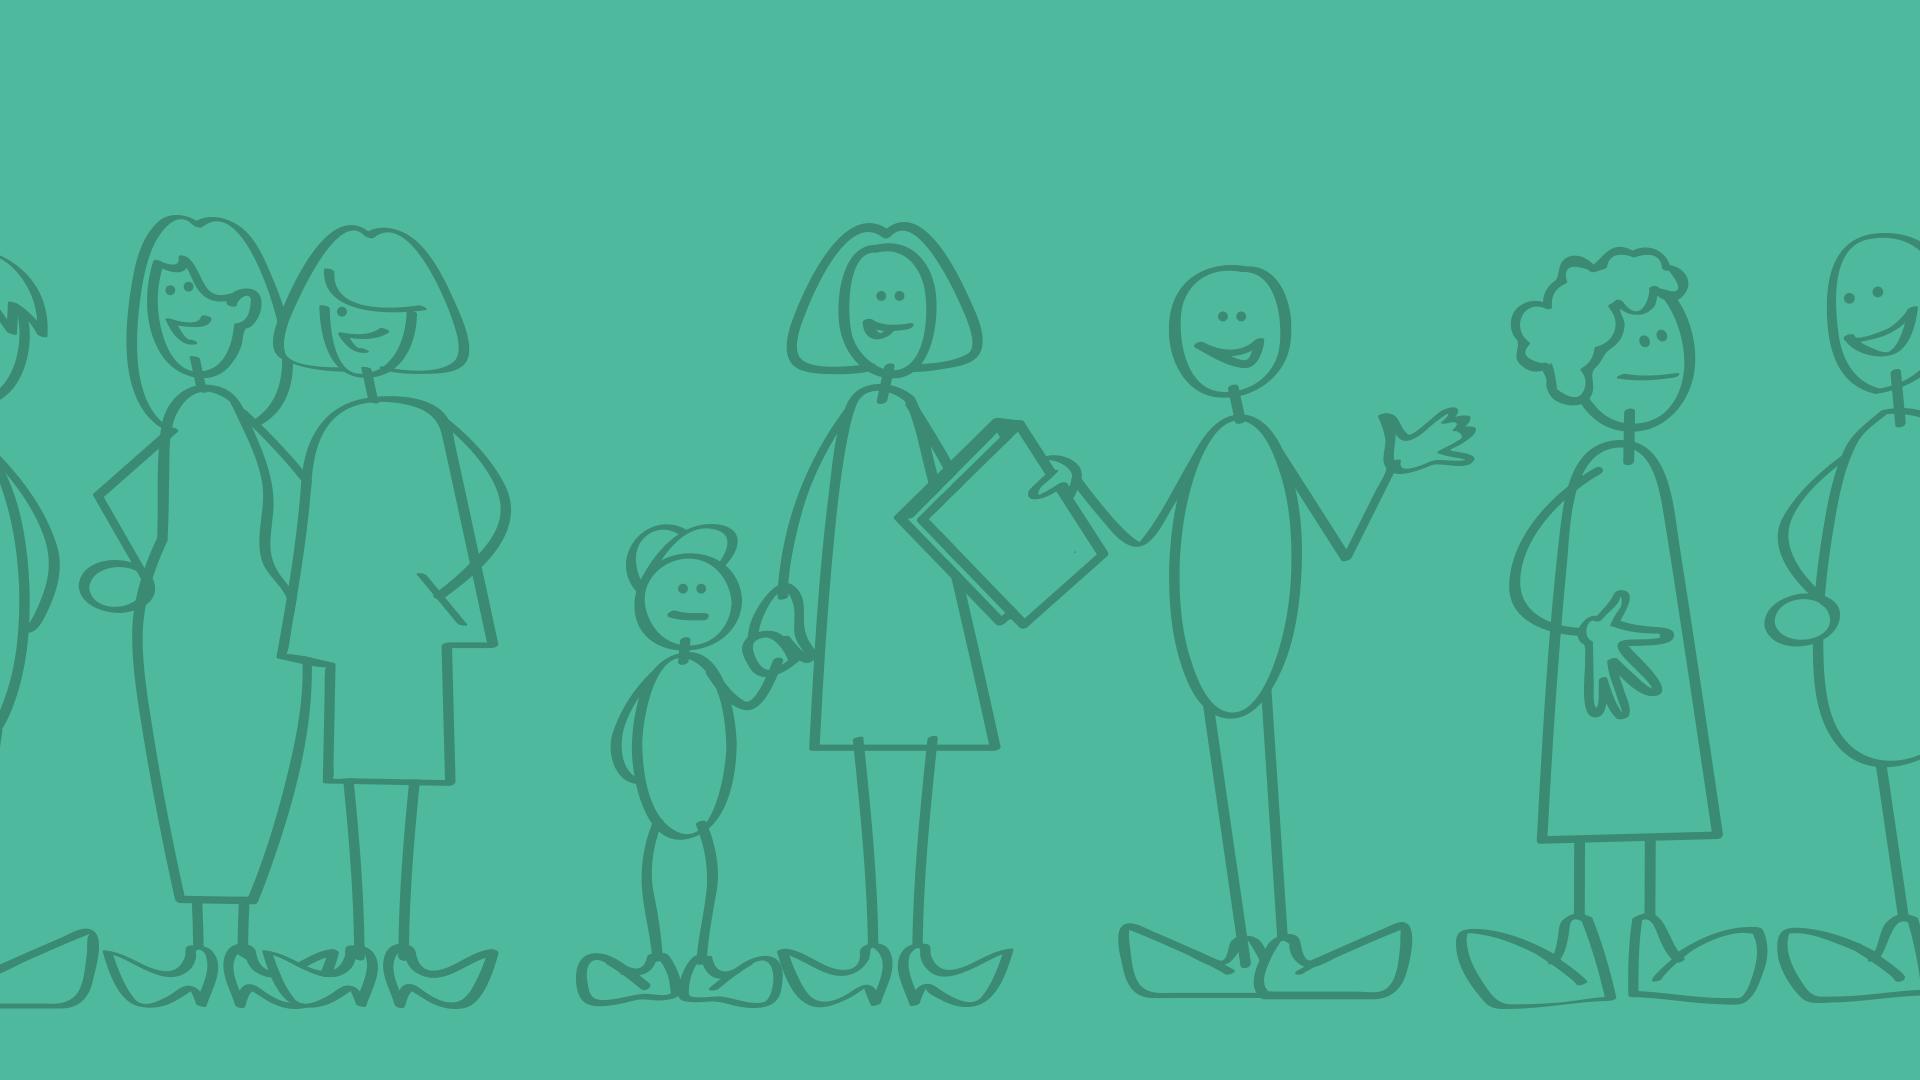 Illustratie blije mensen met groene achtergrond